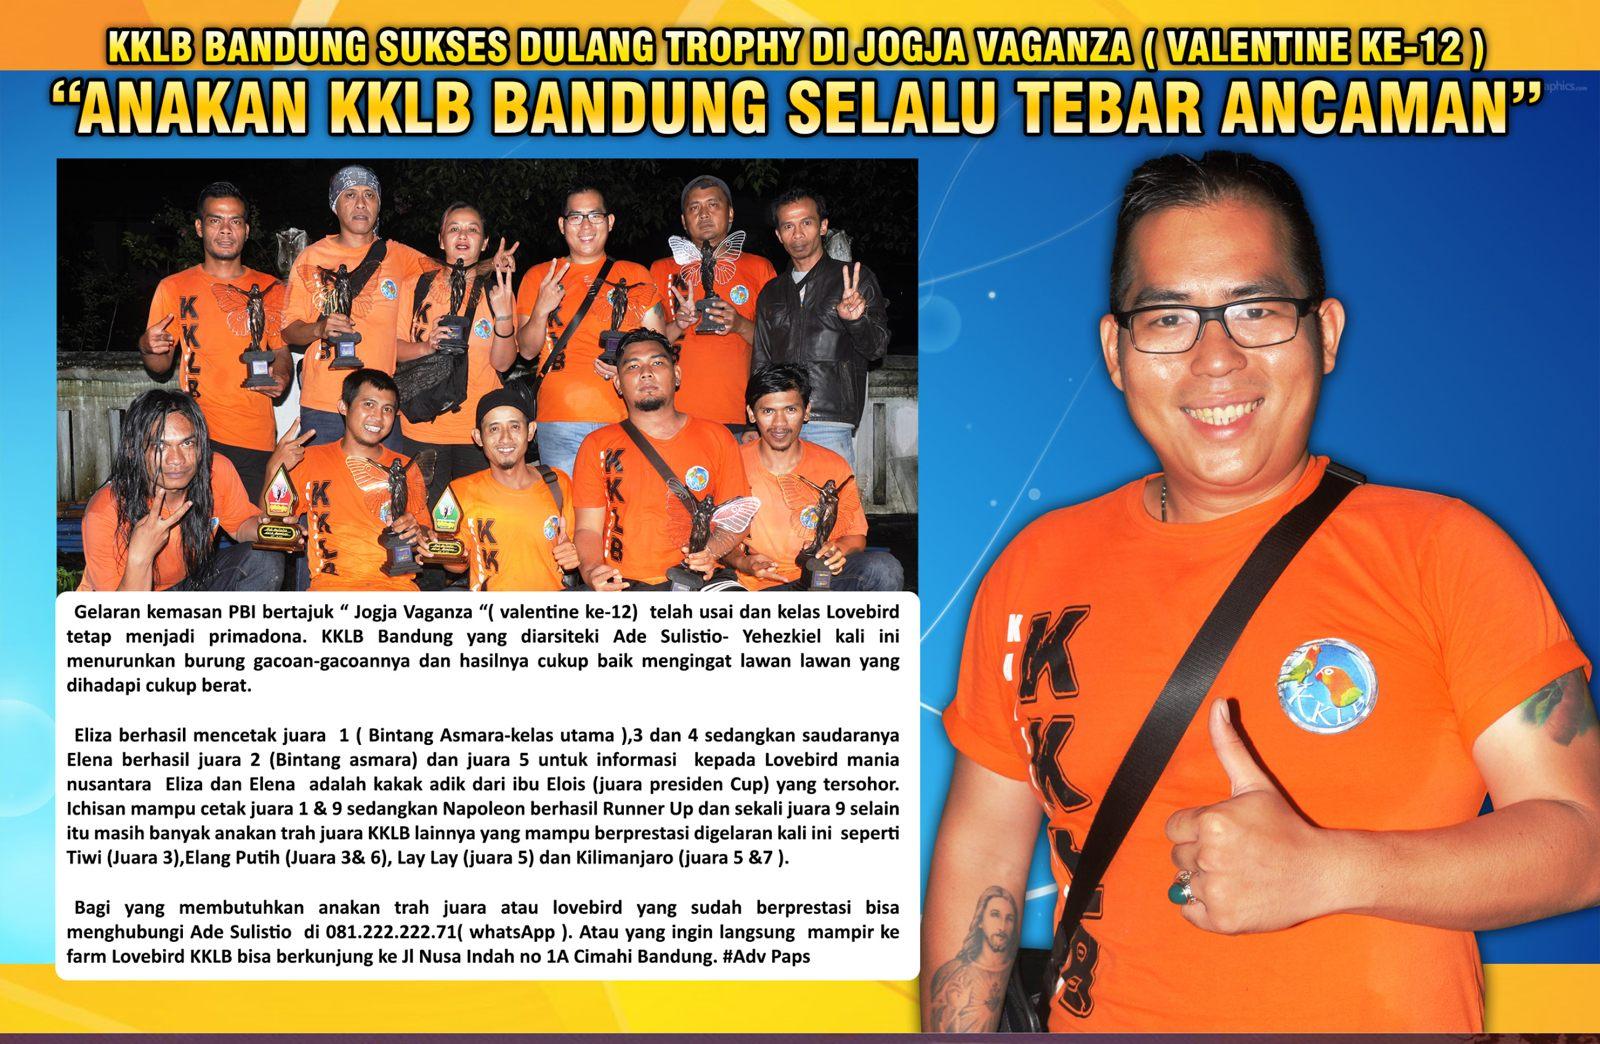 KKLB Bandung Sukses Dulang Trophy di Jogja Vaganza